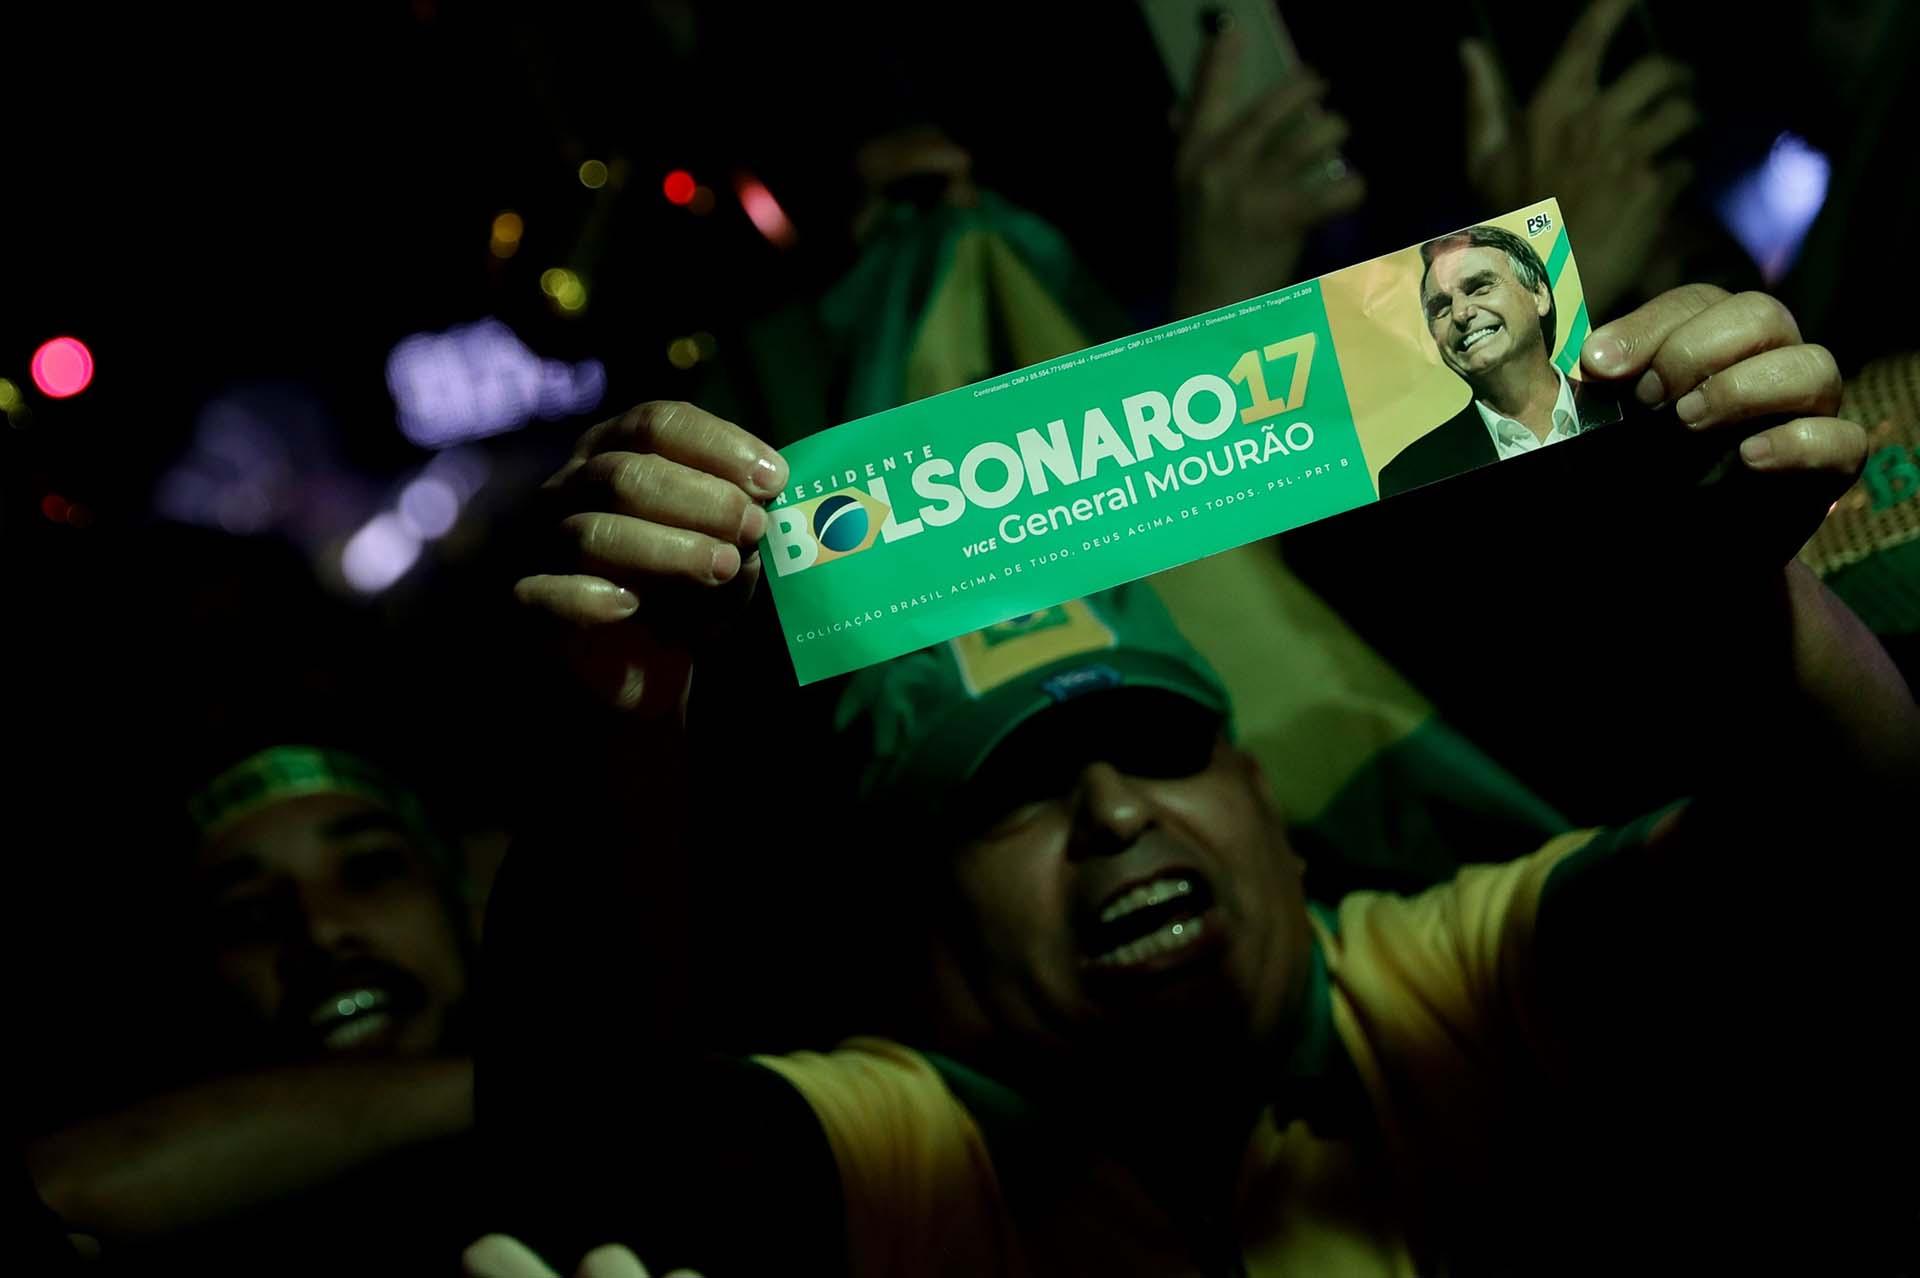 Bolsonaro se convirtió en presidente de Brasil con más del 55% de los votos en el ballotage(EFE/Fernando Bizerra)